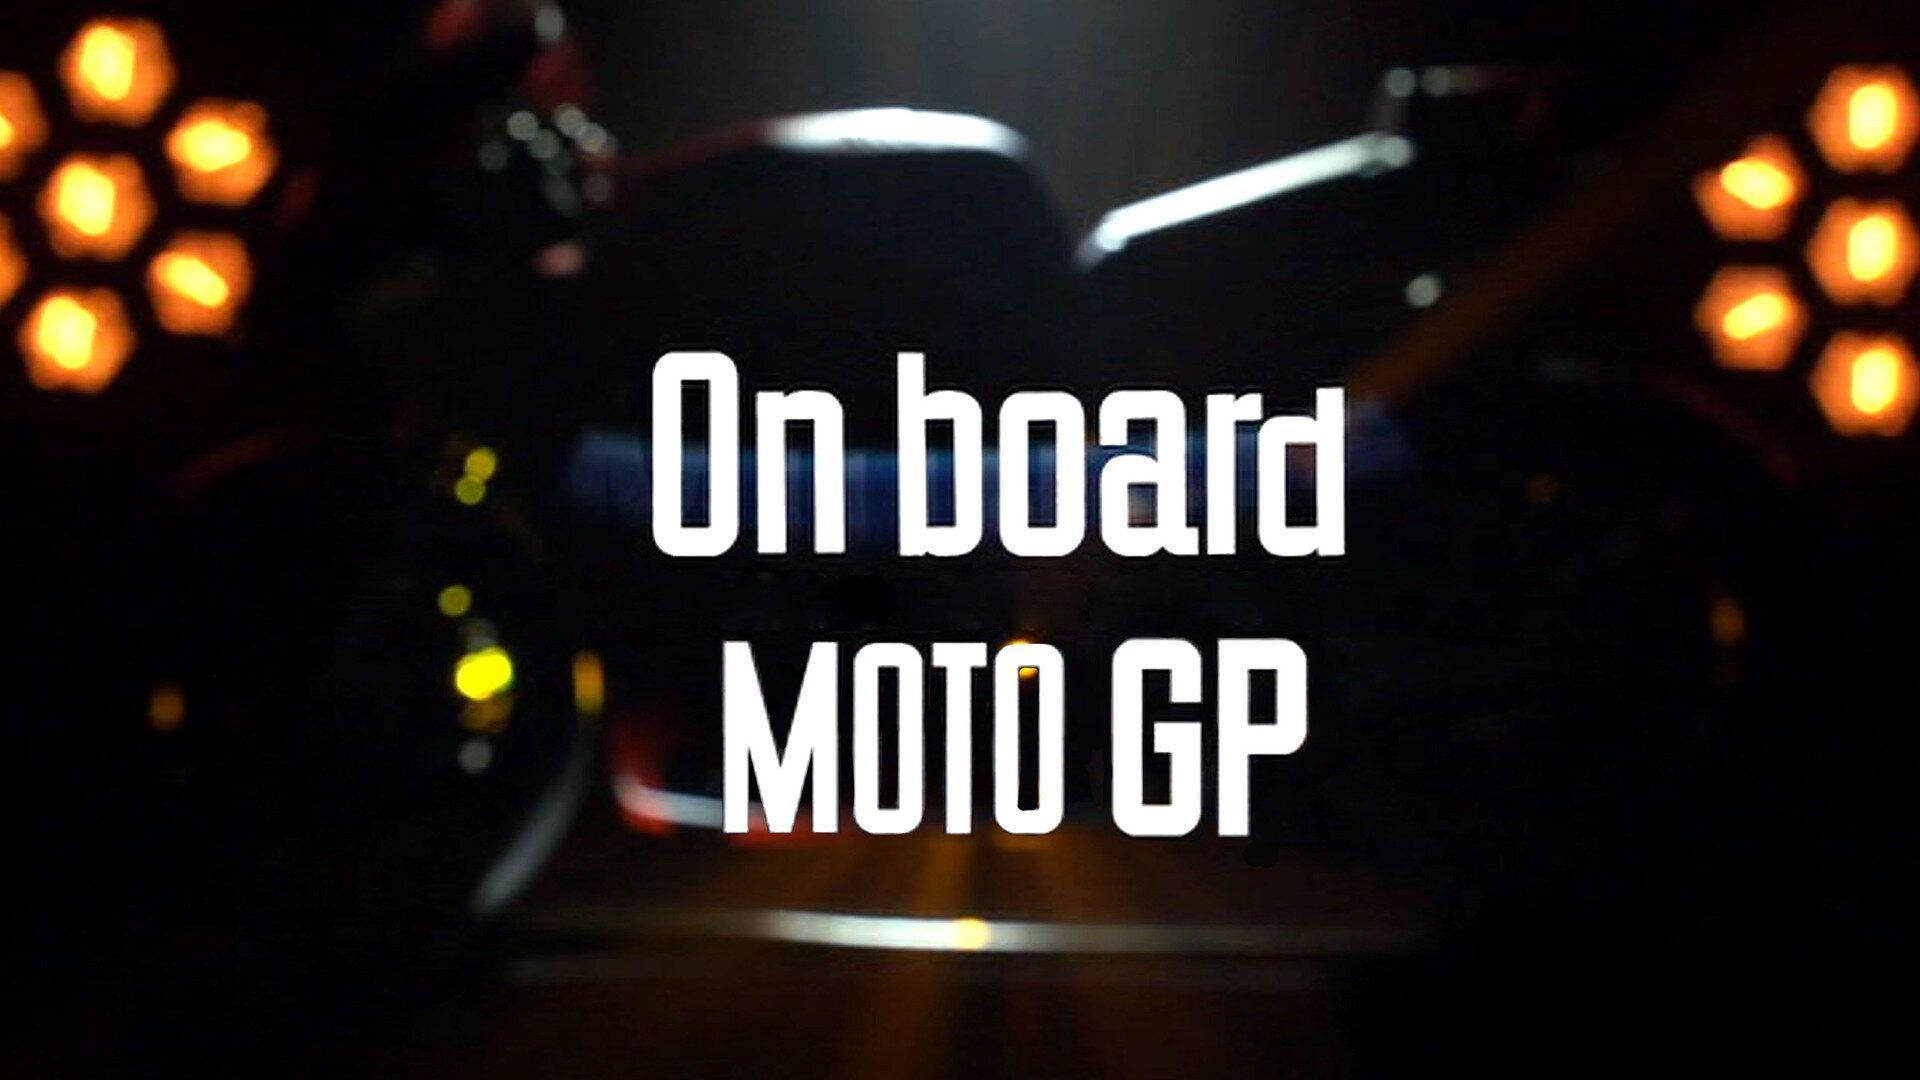 Revoir On board moto en streaming